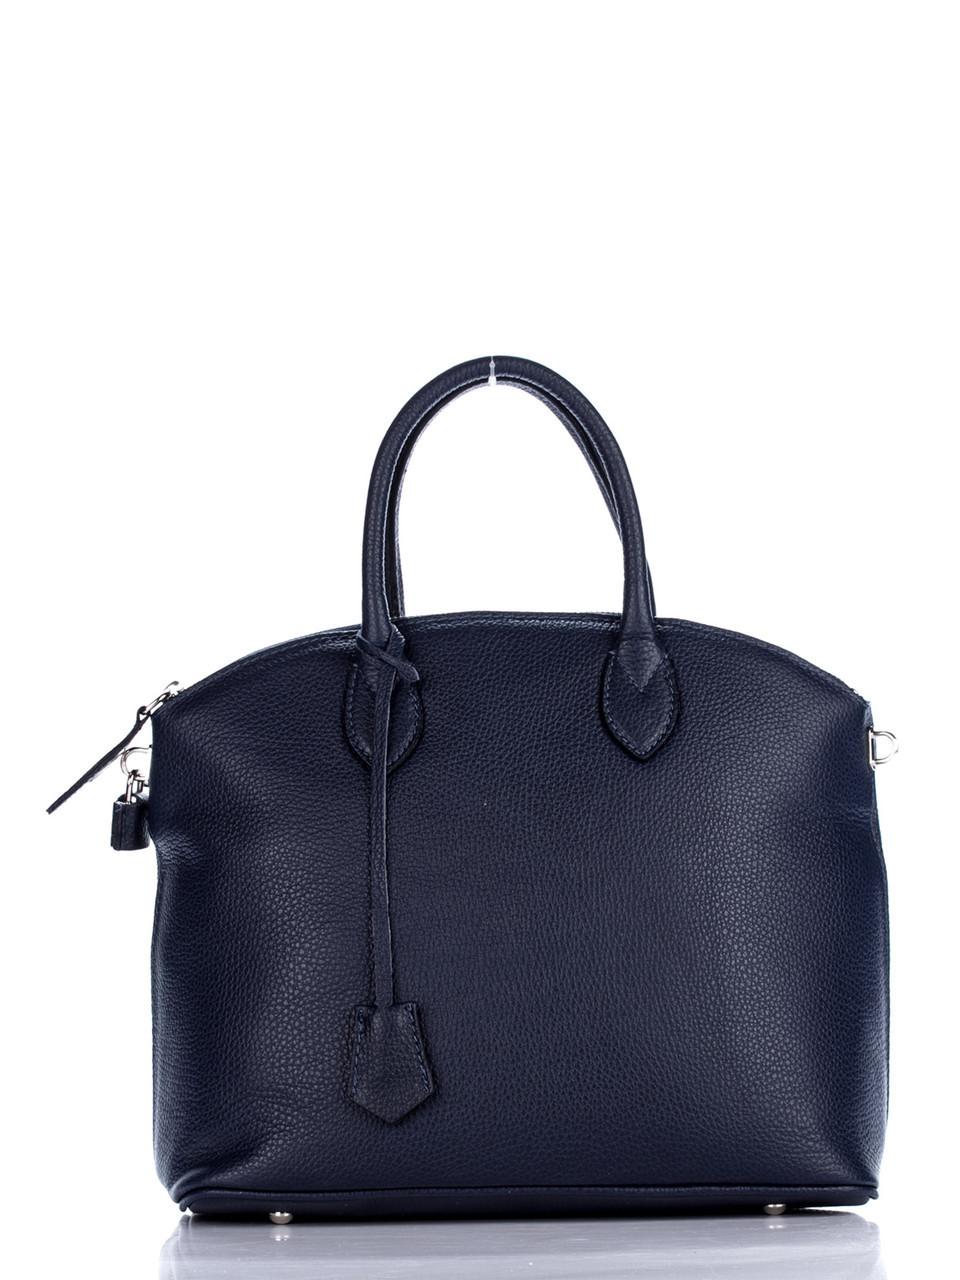 Женская кожаная сумка GLENDA Diva's Bag цвет темно-синий